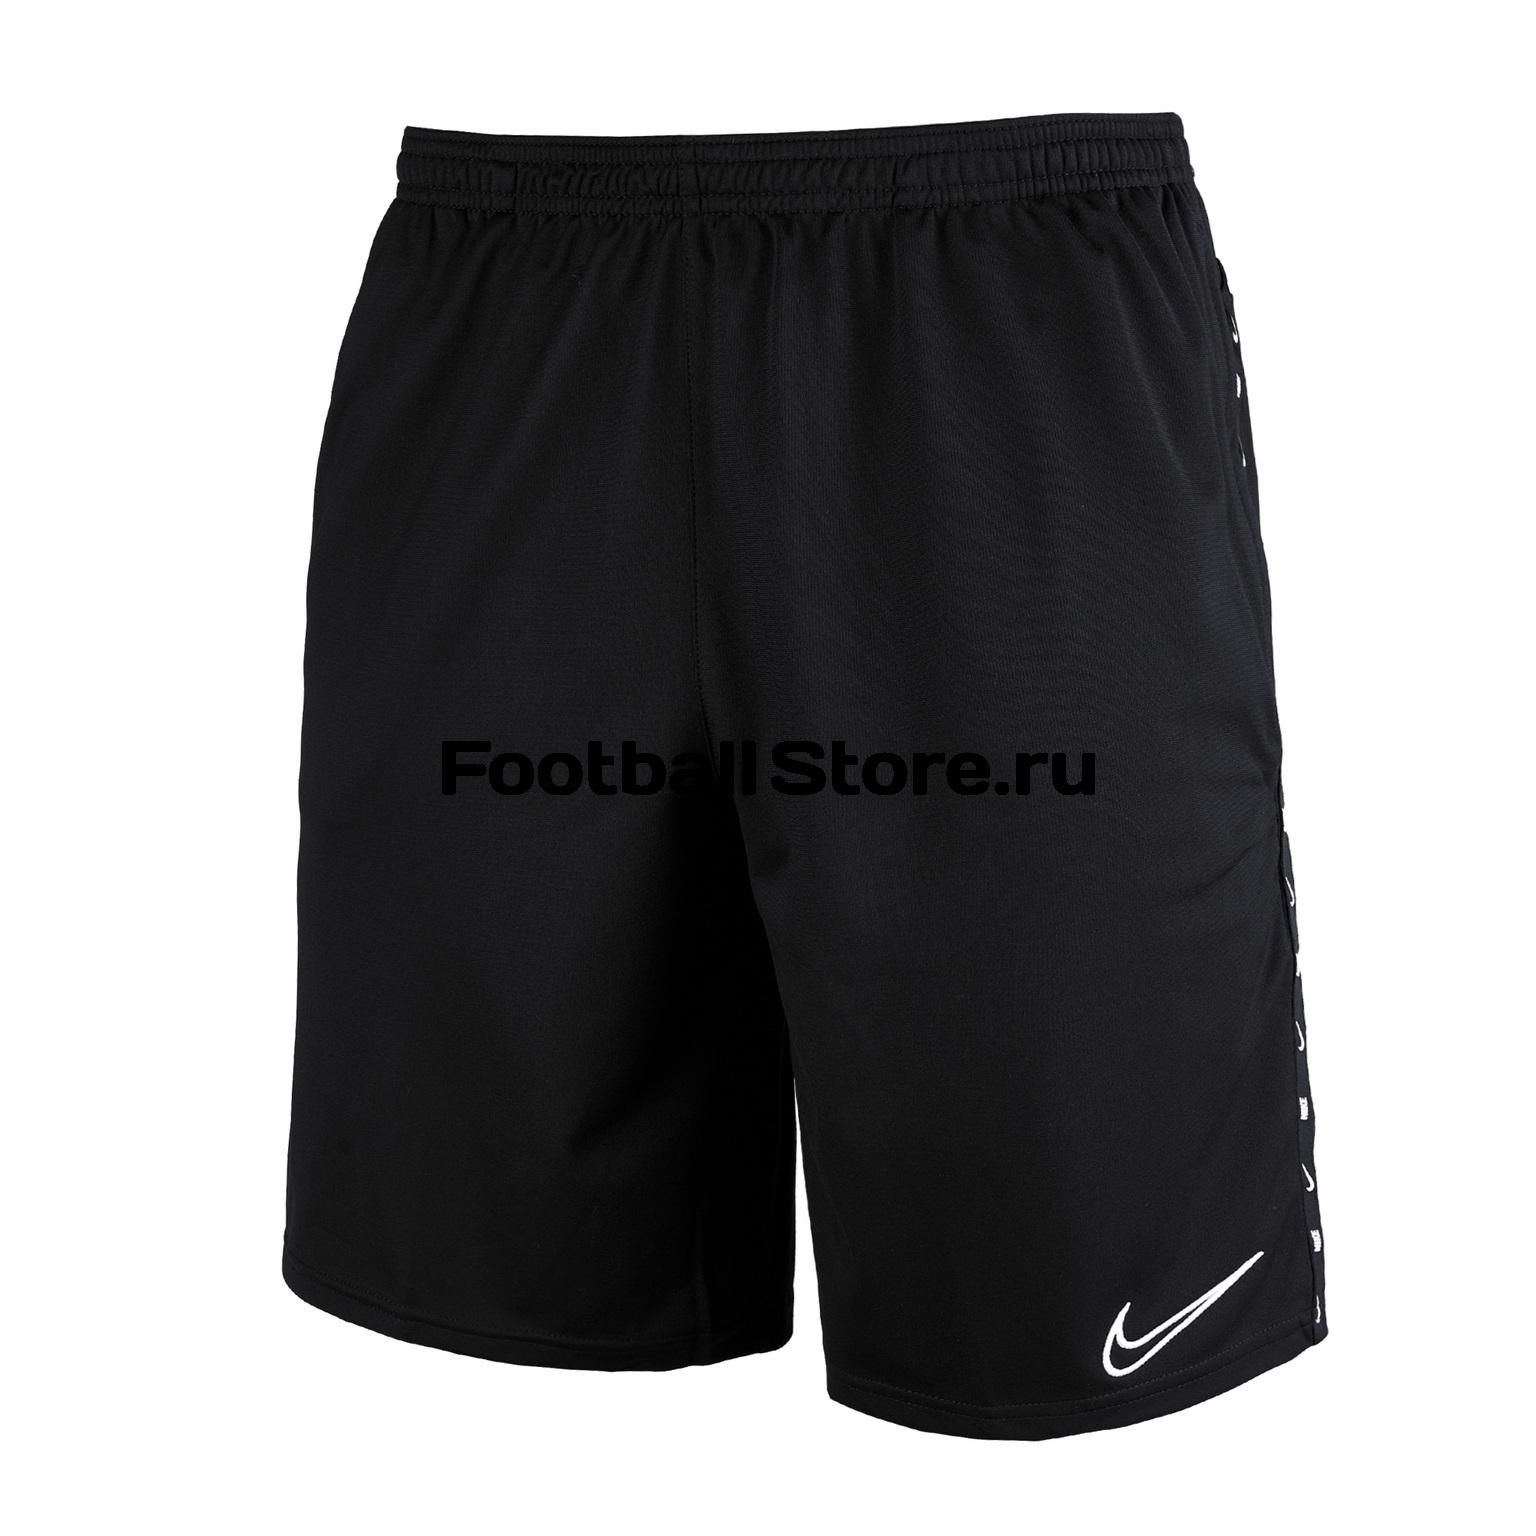 Шорты тренировочные Nike Dry Academy BV5831-011